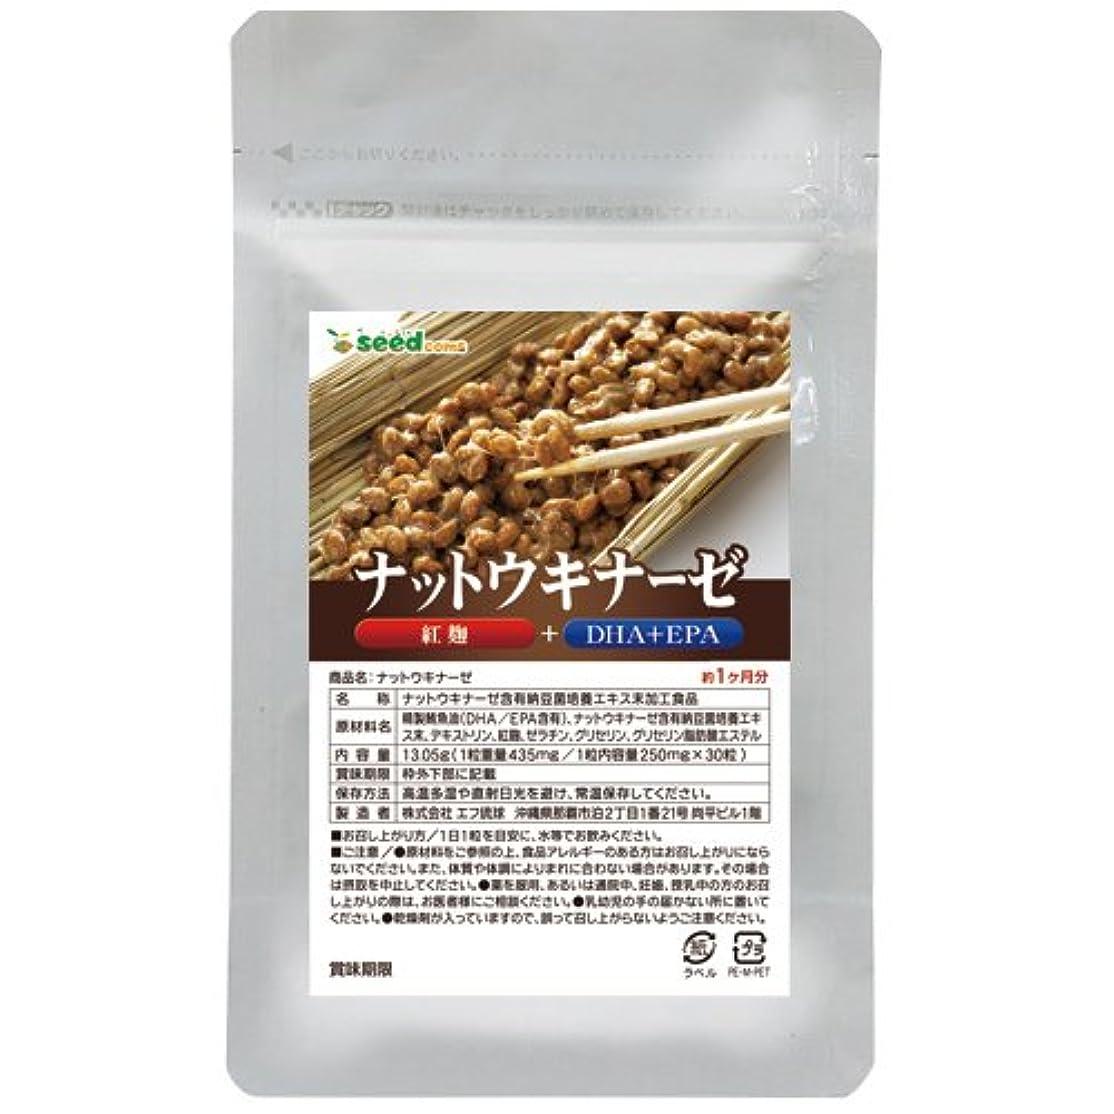 接続詞むさぼり食うアベニューナットウキナーゼ (約1ケ月分) 紅麹、DHA&EPA入り